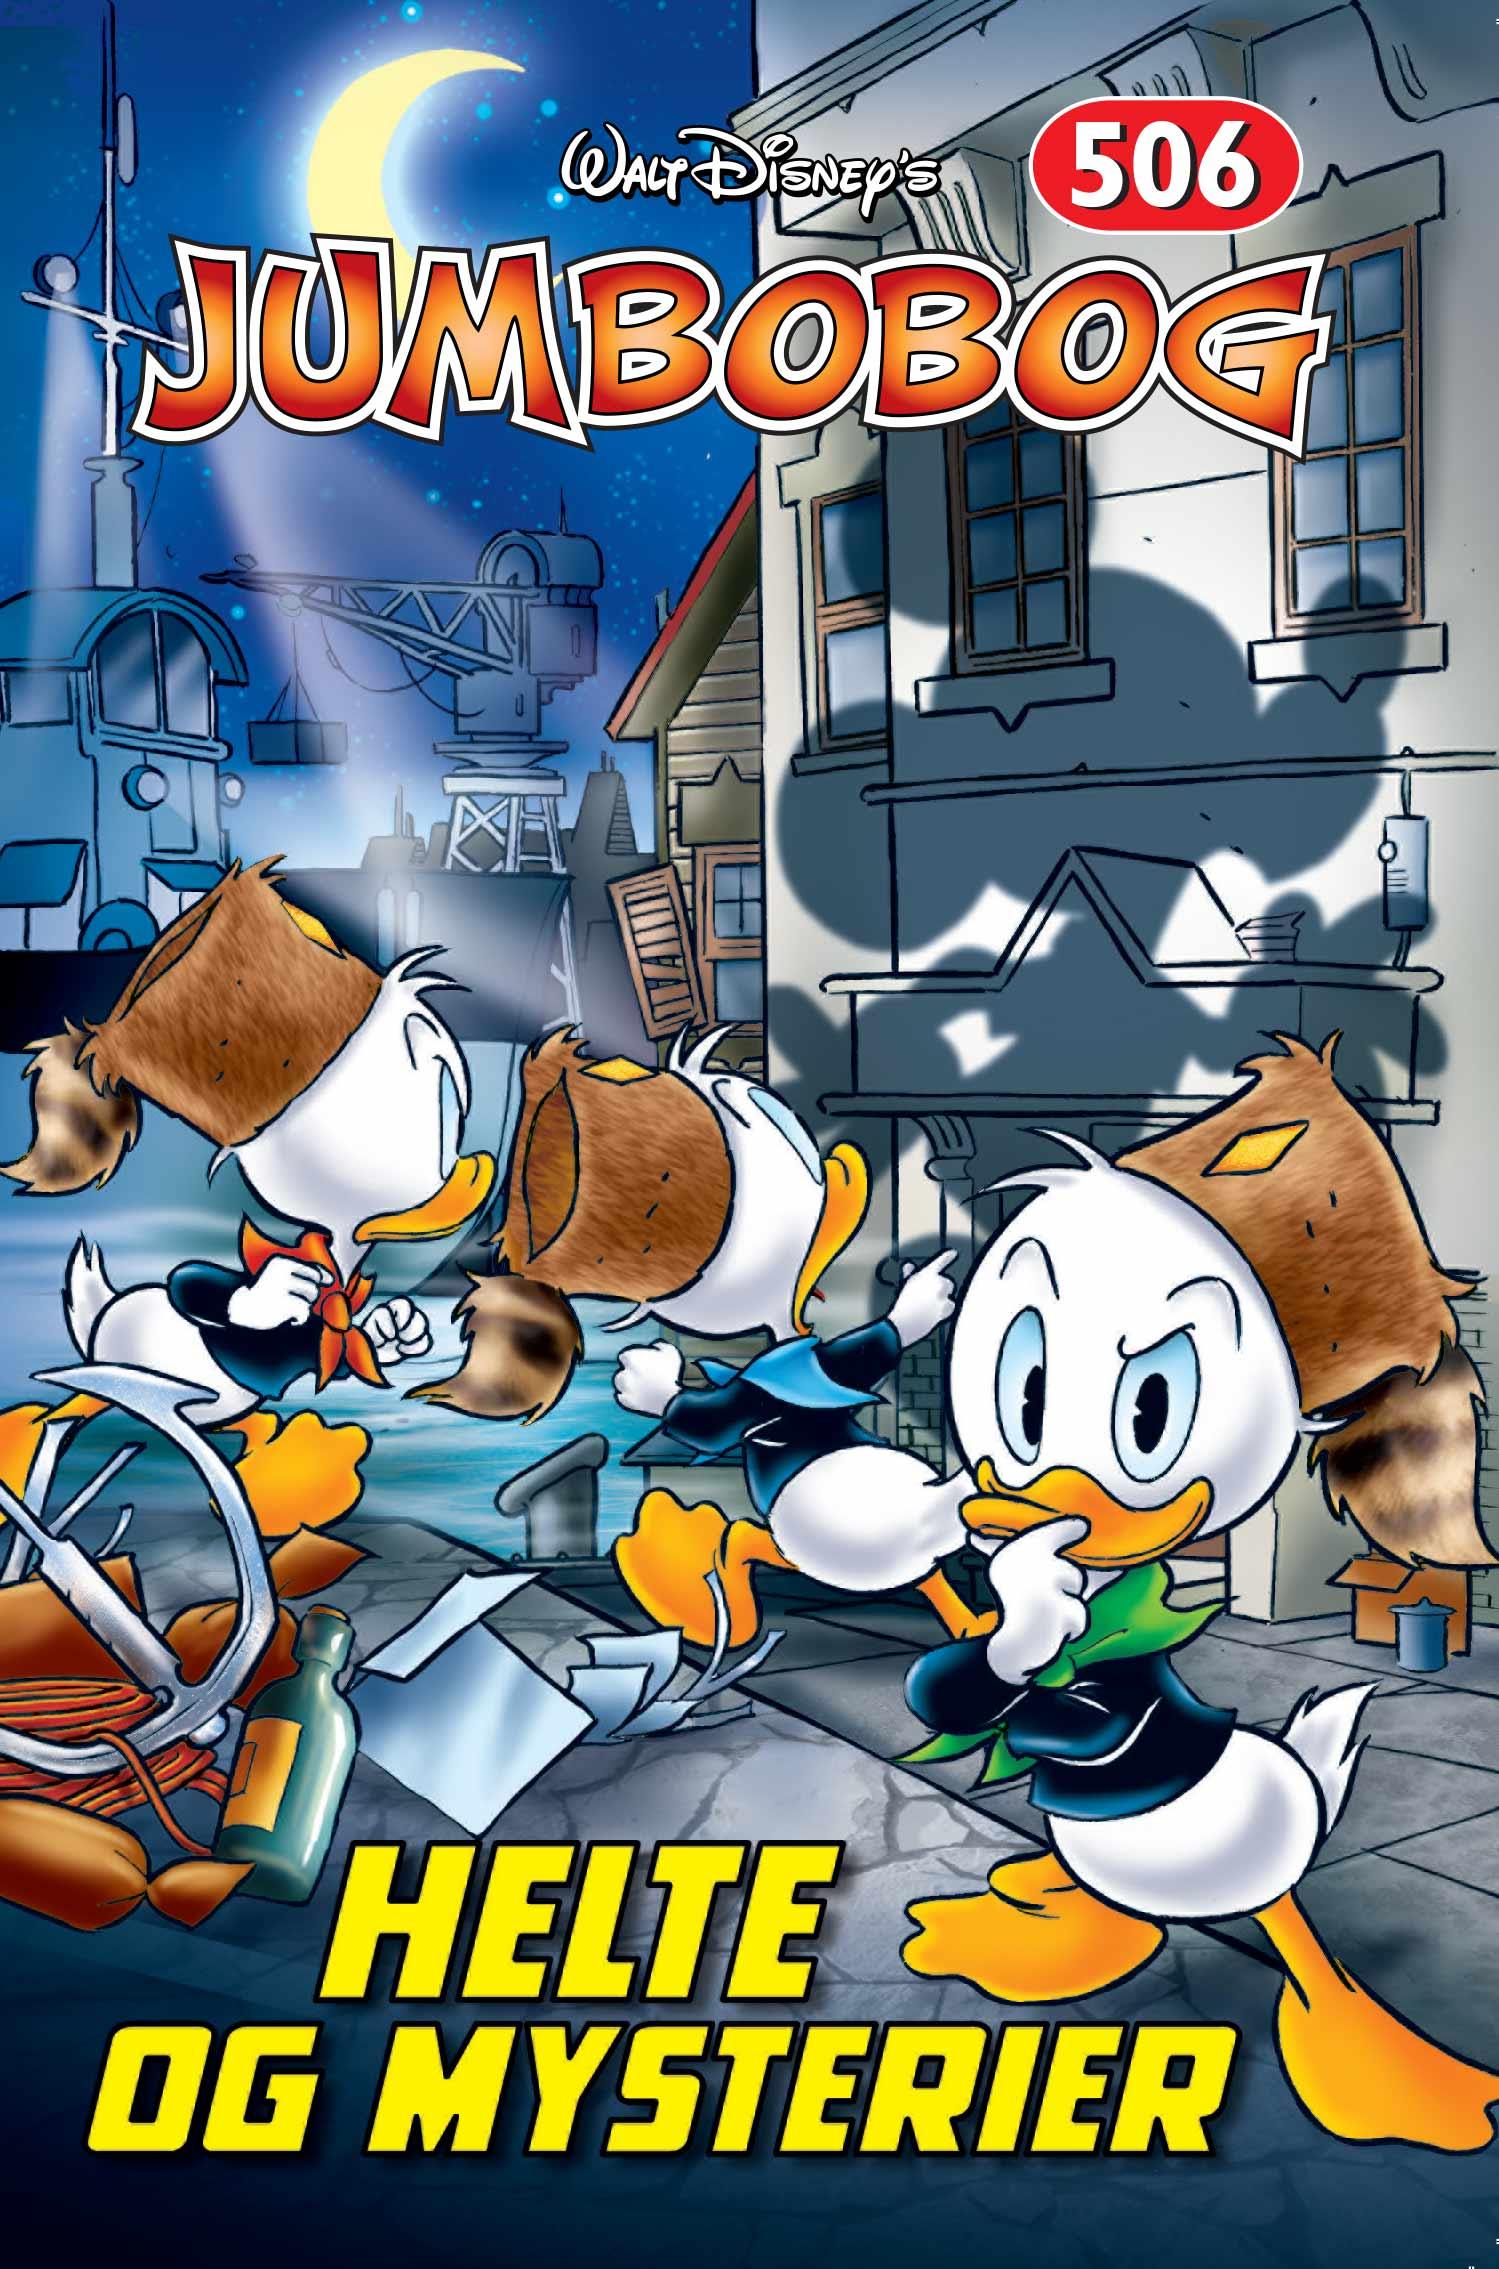 Jumbobog 506 - Disney - Bøger - Story House Egmont - 9788793840461 - October 11, 2021